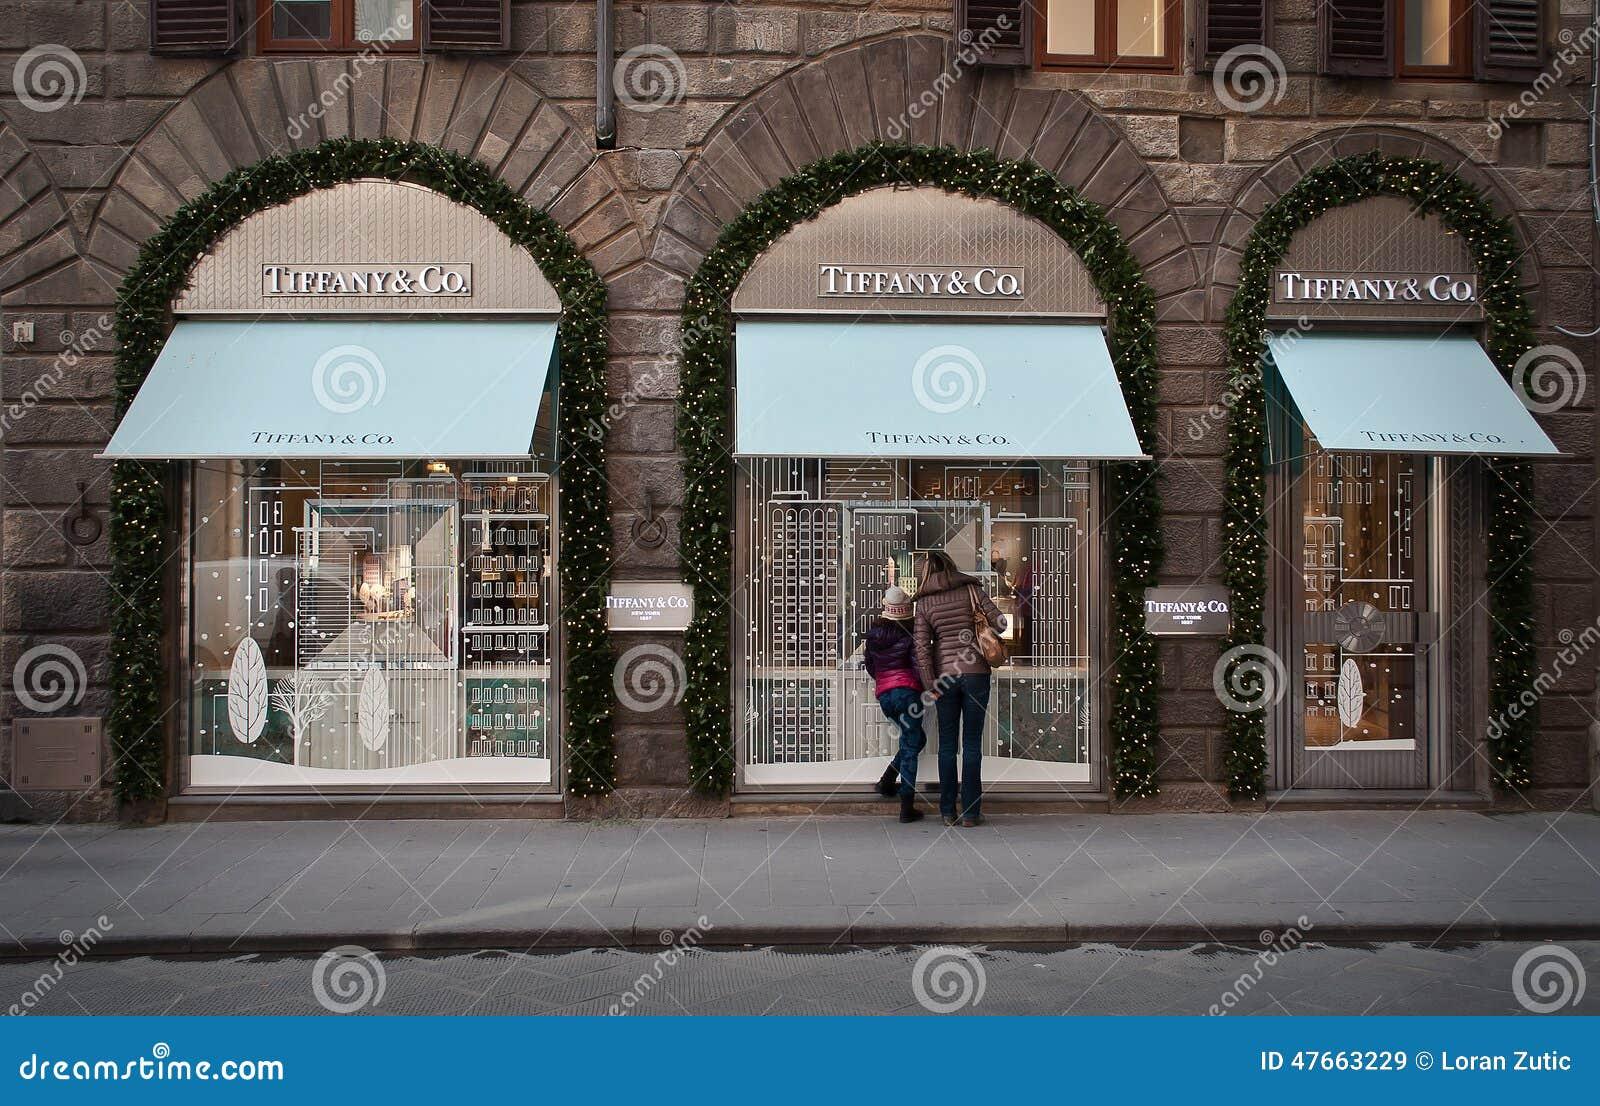 αμερικανικές ομο ασημικές κοσμημάτων επιχείρησης tiffany κατάστημα στη Φλωρεντία